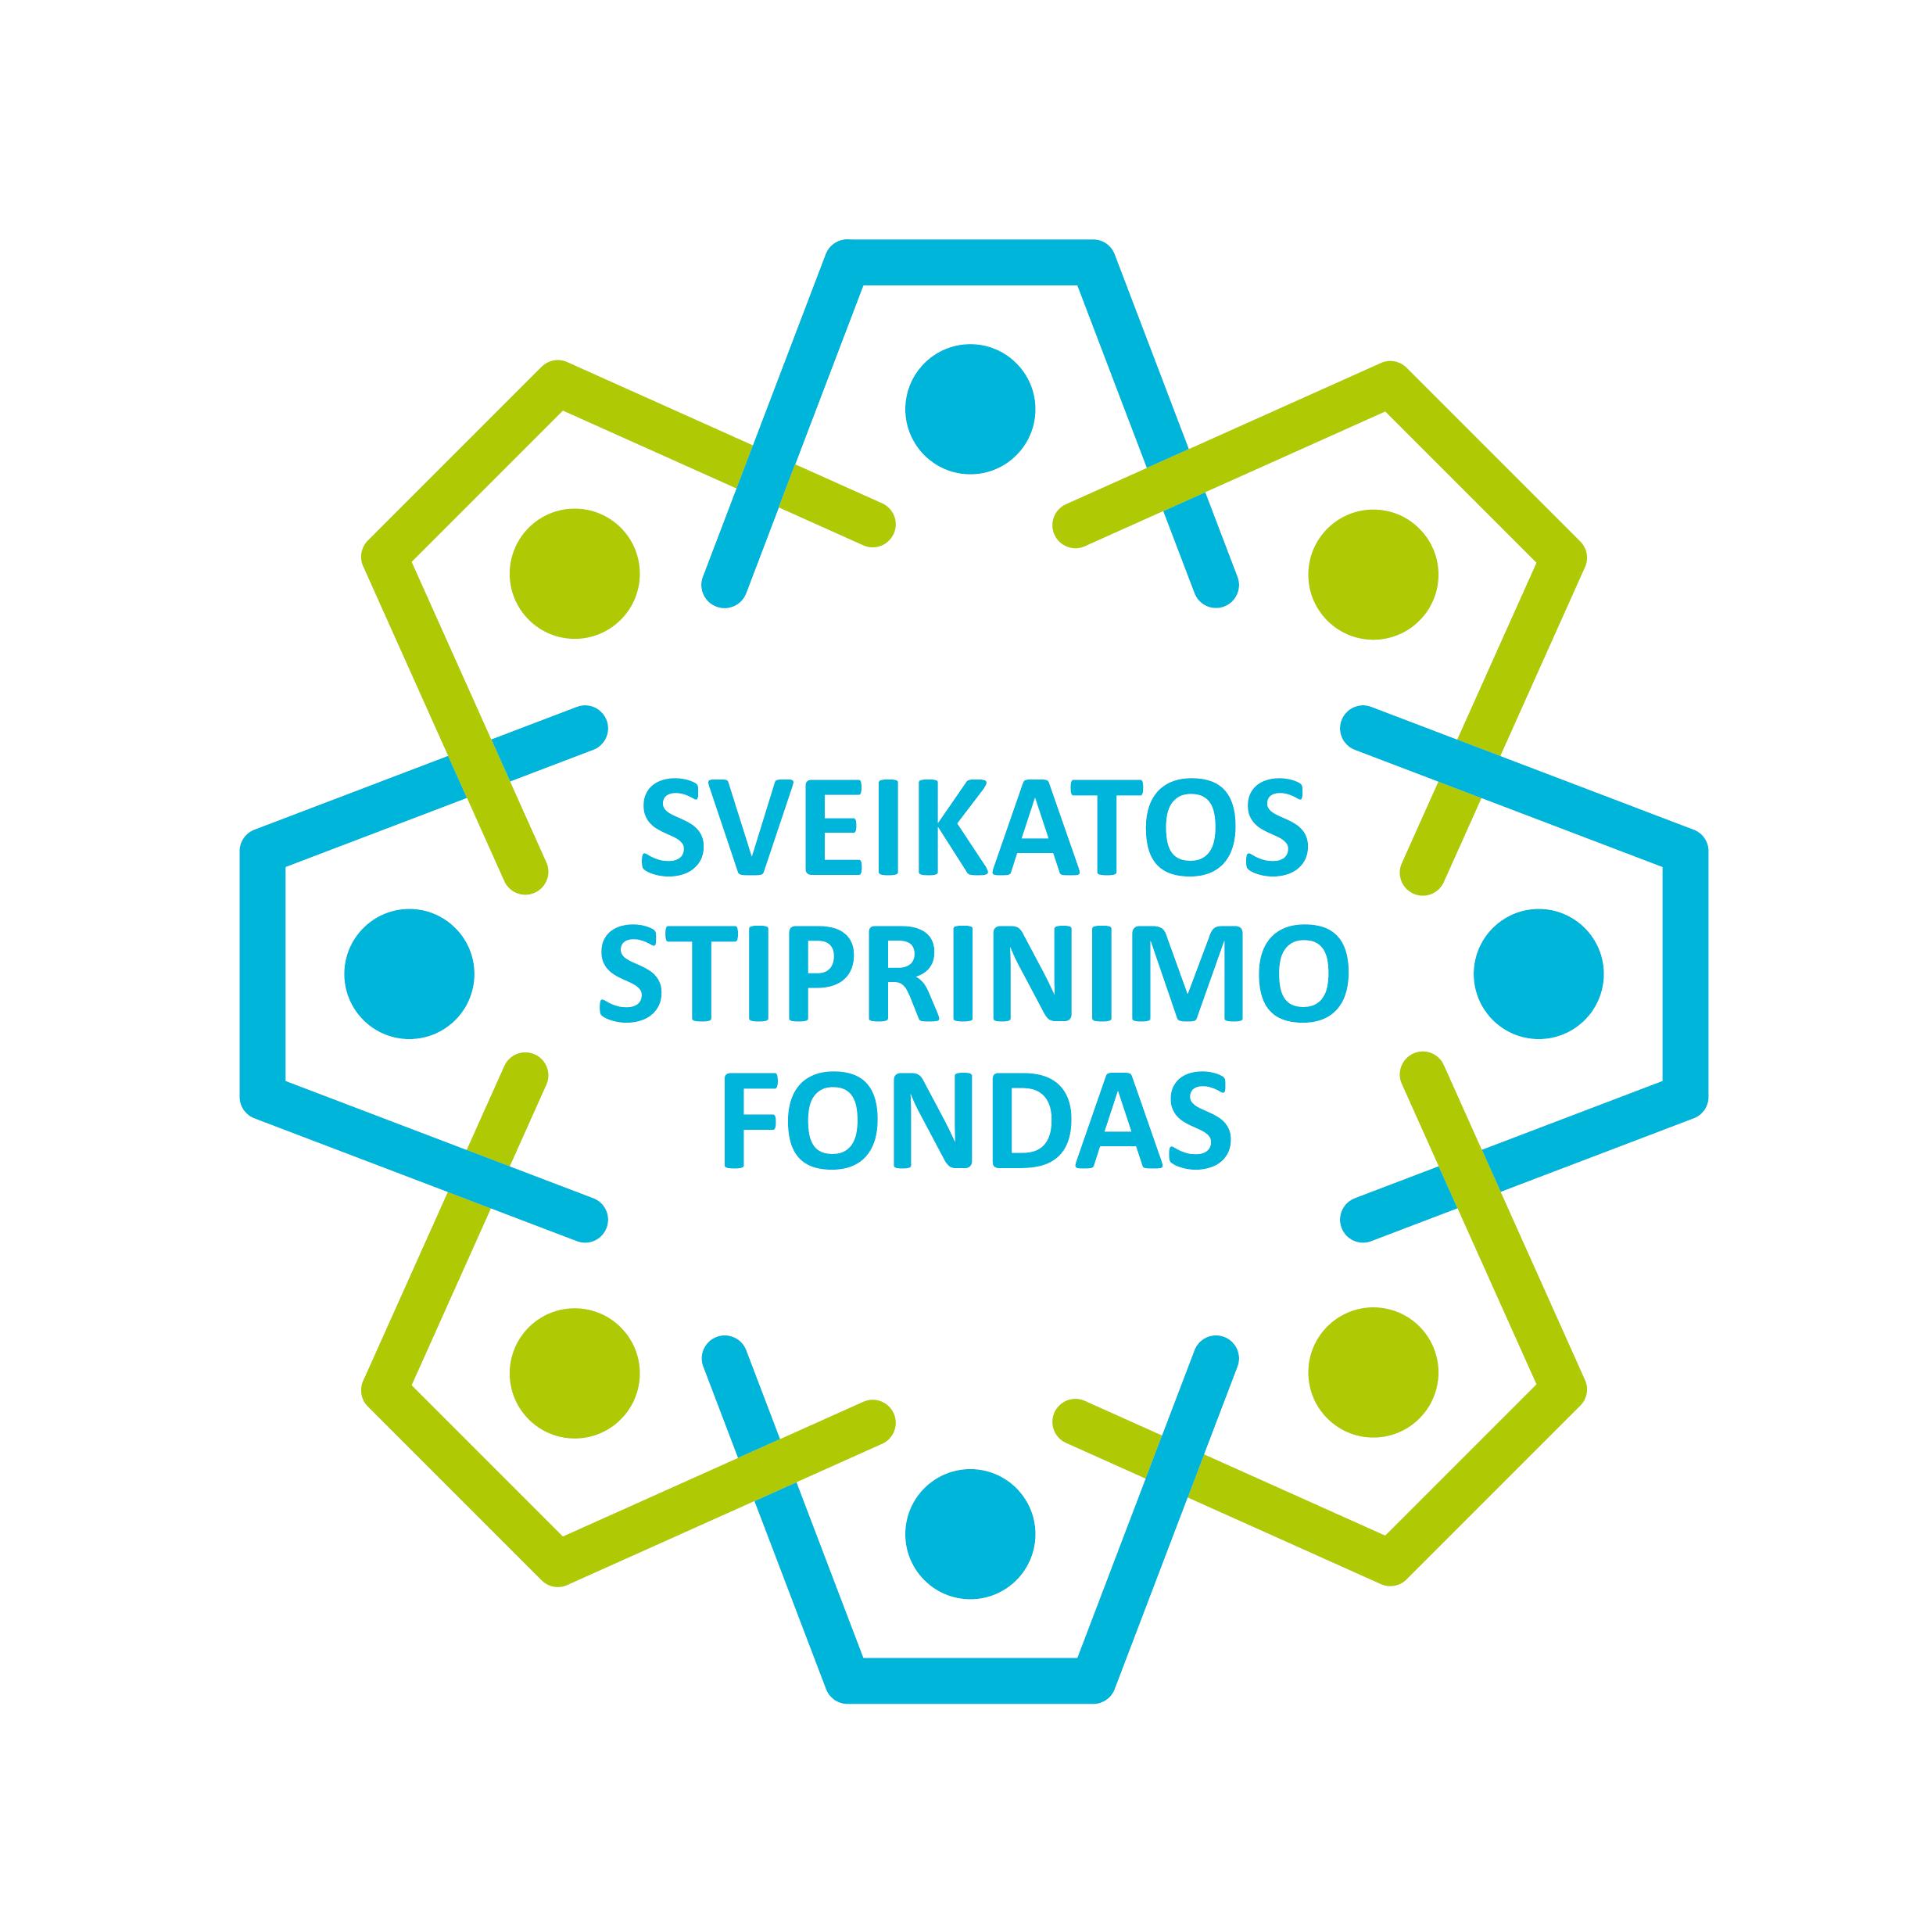 sveikatos_fondas_logo.png